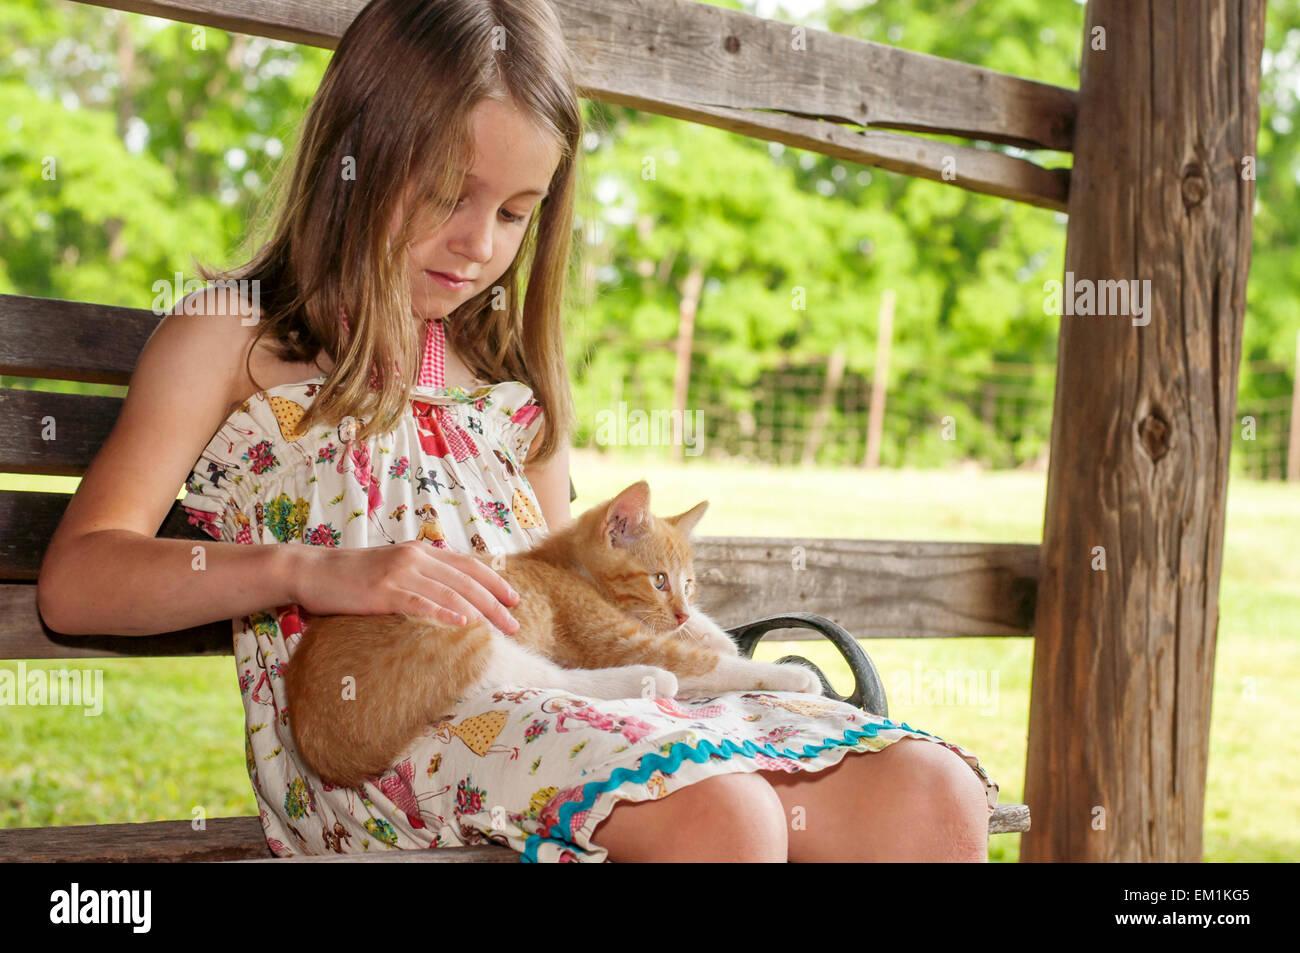 Chica acariciándole gatito en establo Imagen De Stock